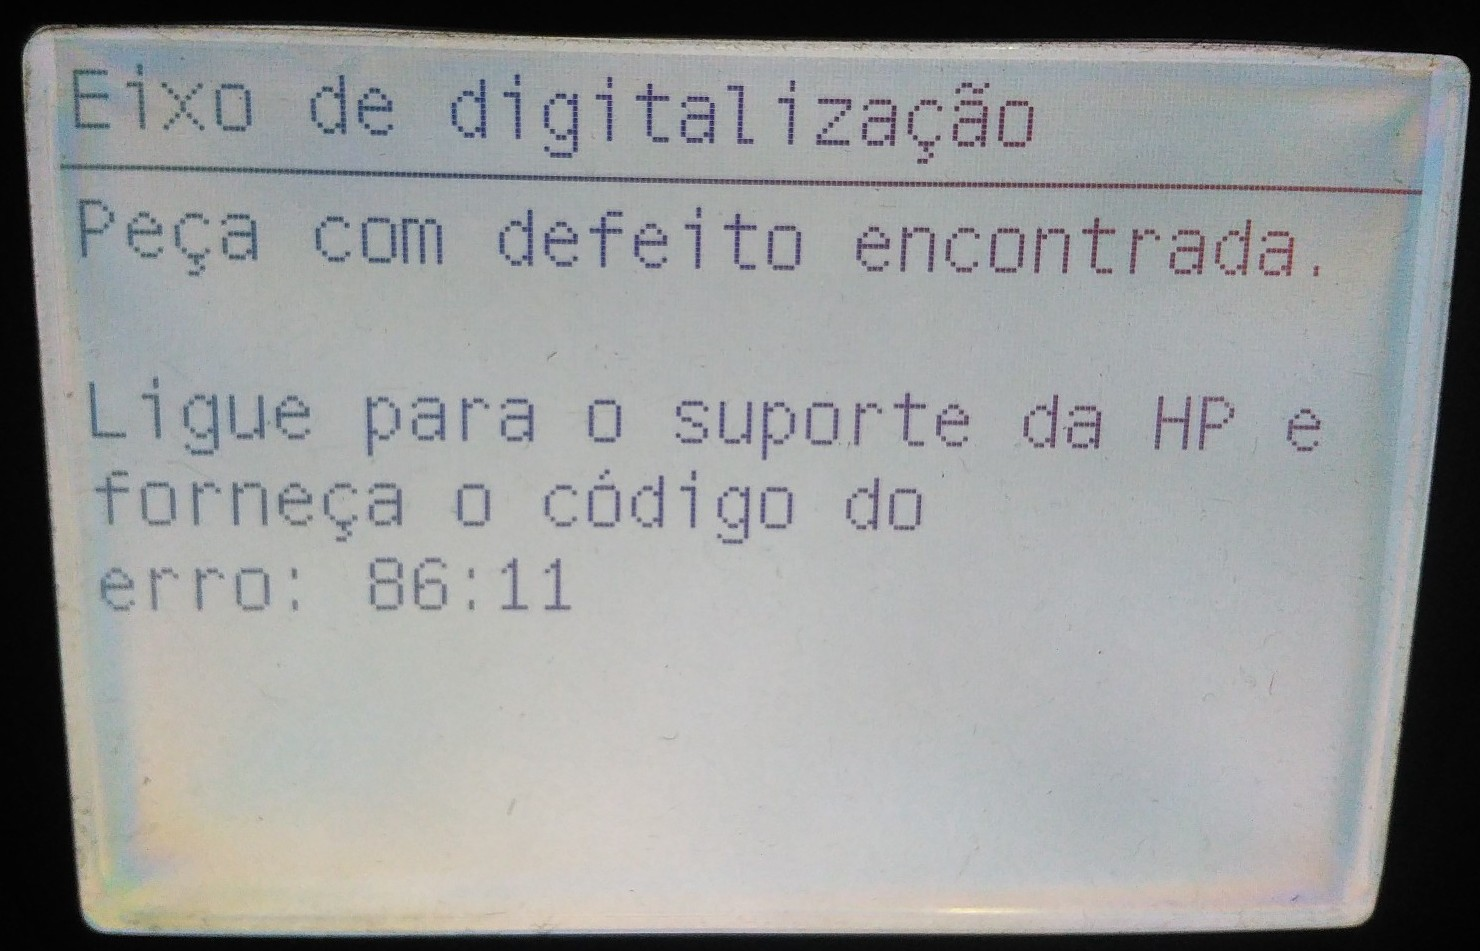 Mensagem de erro na Impressora Plotter 86:11 Peça com defeito encontrada. Ligue para o suporte da HP e forneça o código do erro: 86:11